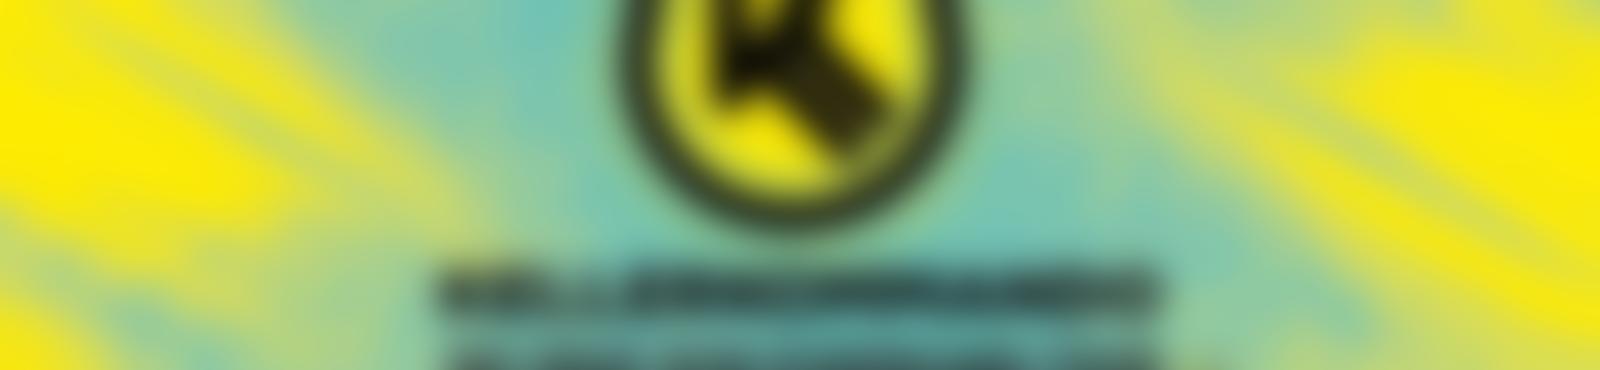 Blurred 5bdfda53 bb93 45ef 94b9 bf17a8dbd8fc